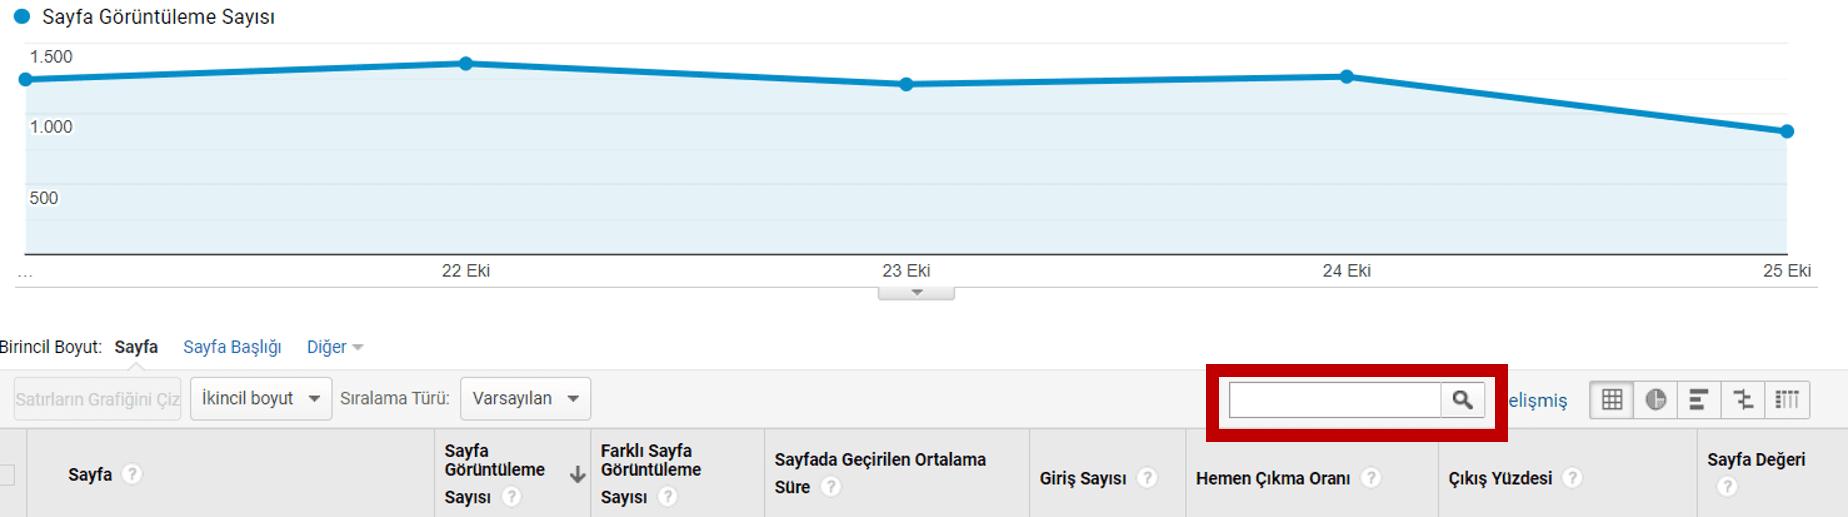 Google Analytics ile Makale – Yazı Okunma Sayılarını Öğrenme 2.Adım